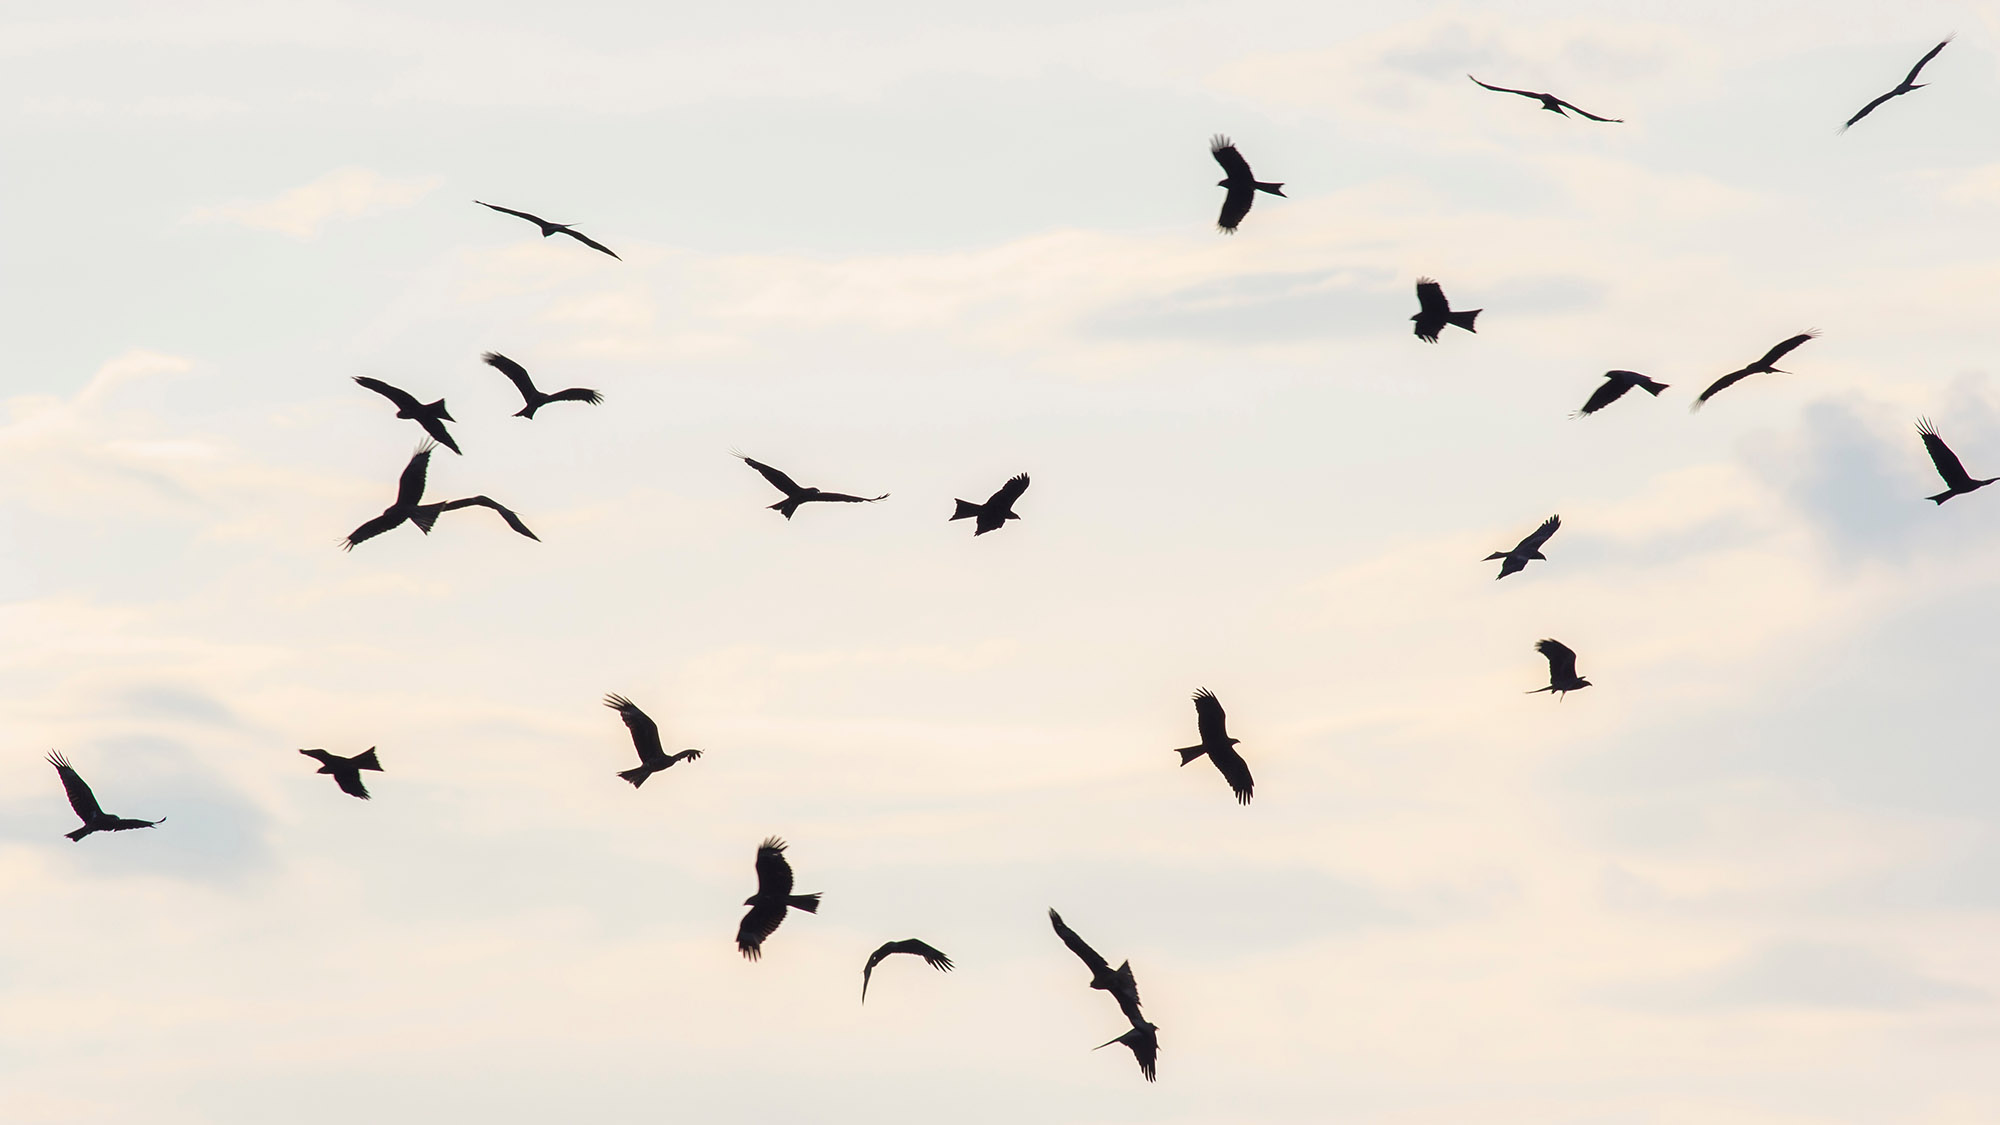 A kettle of hawks